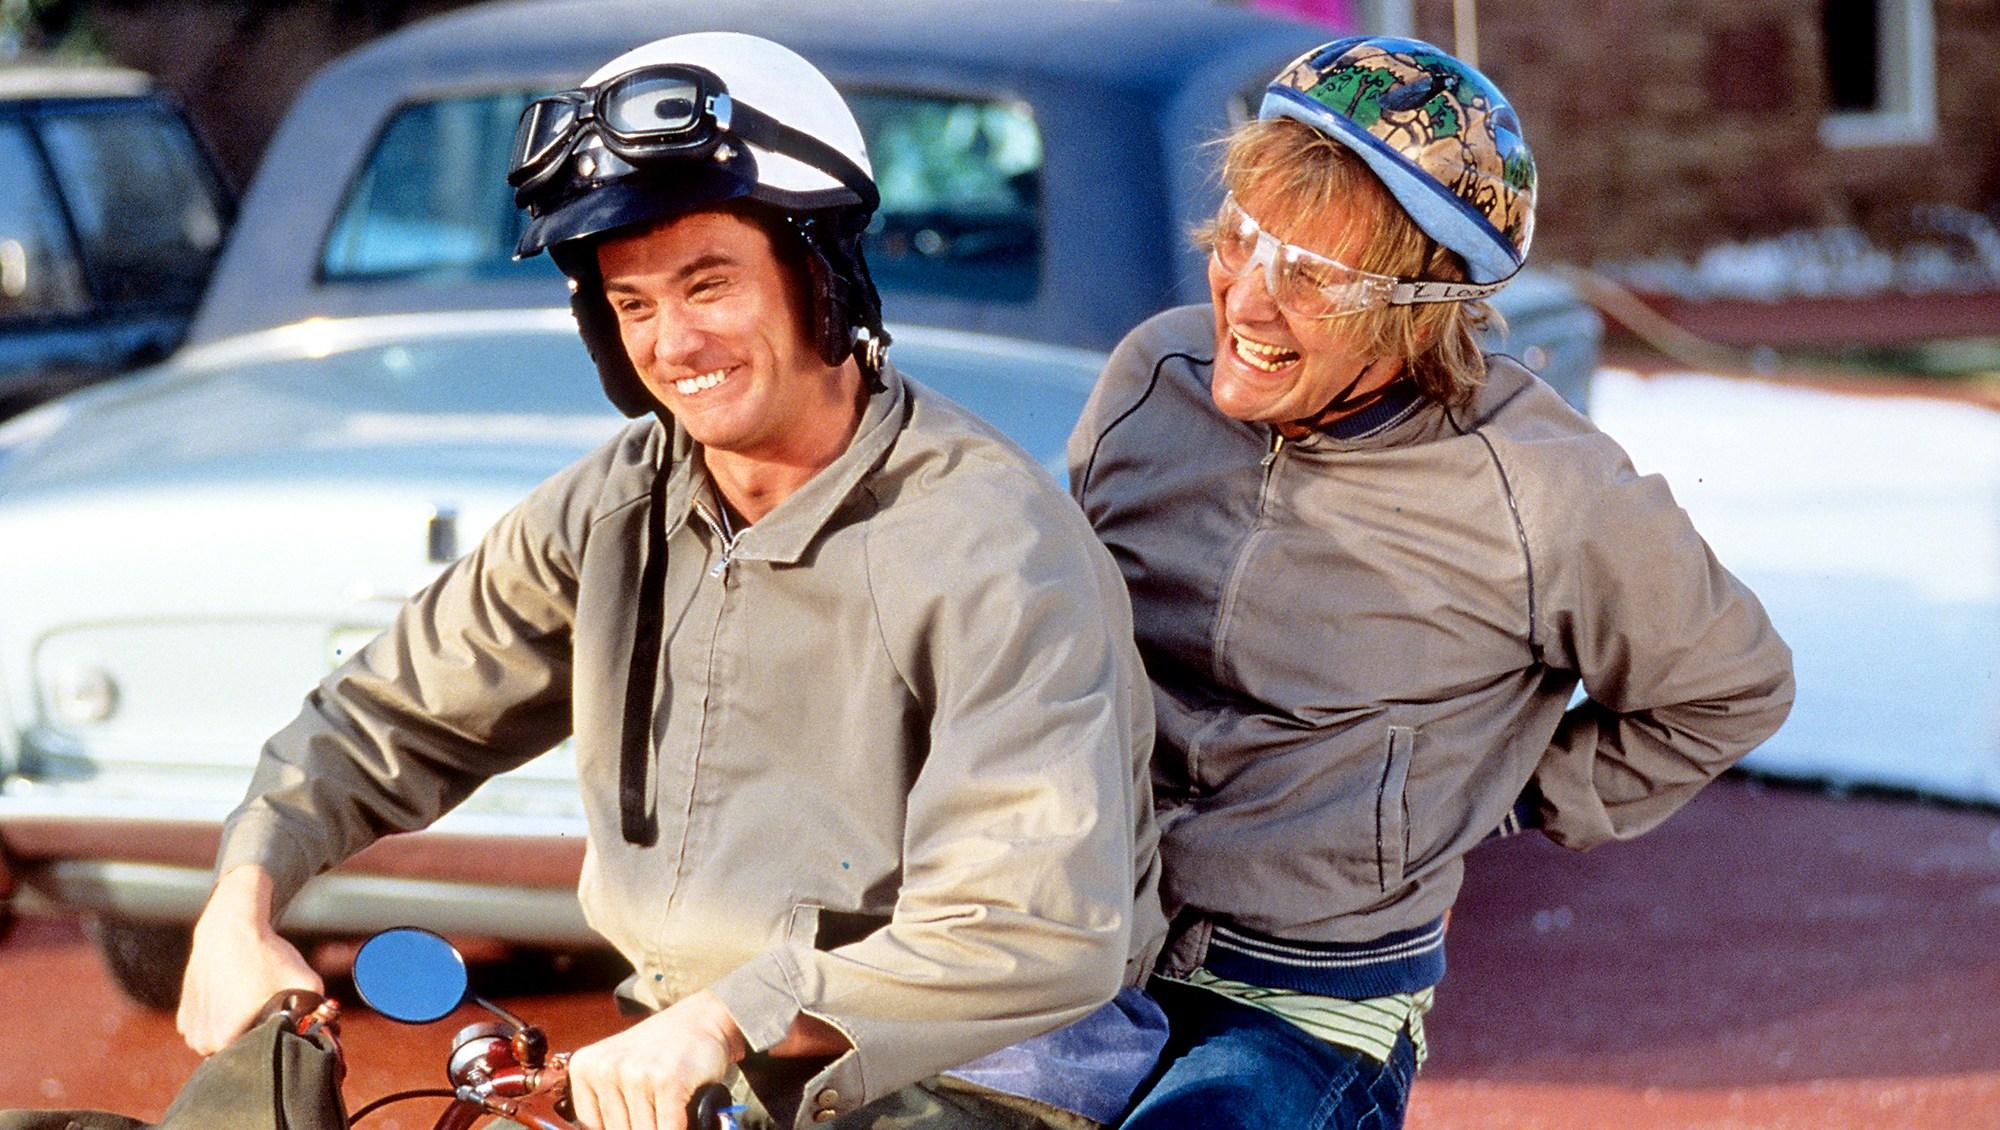 Jim Carrey and Jeff Daniels in 'Dumb and Dumber'